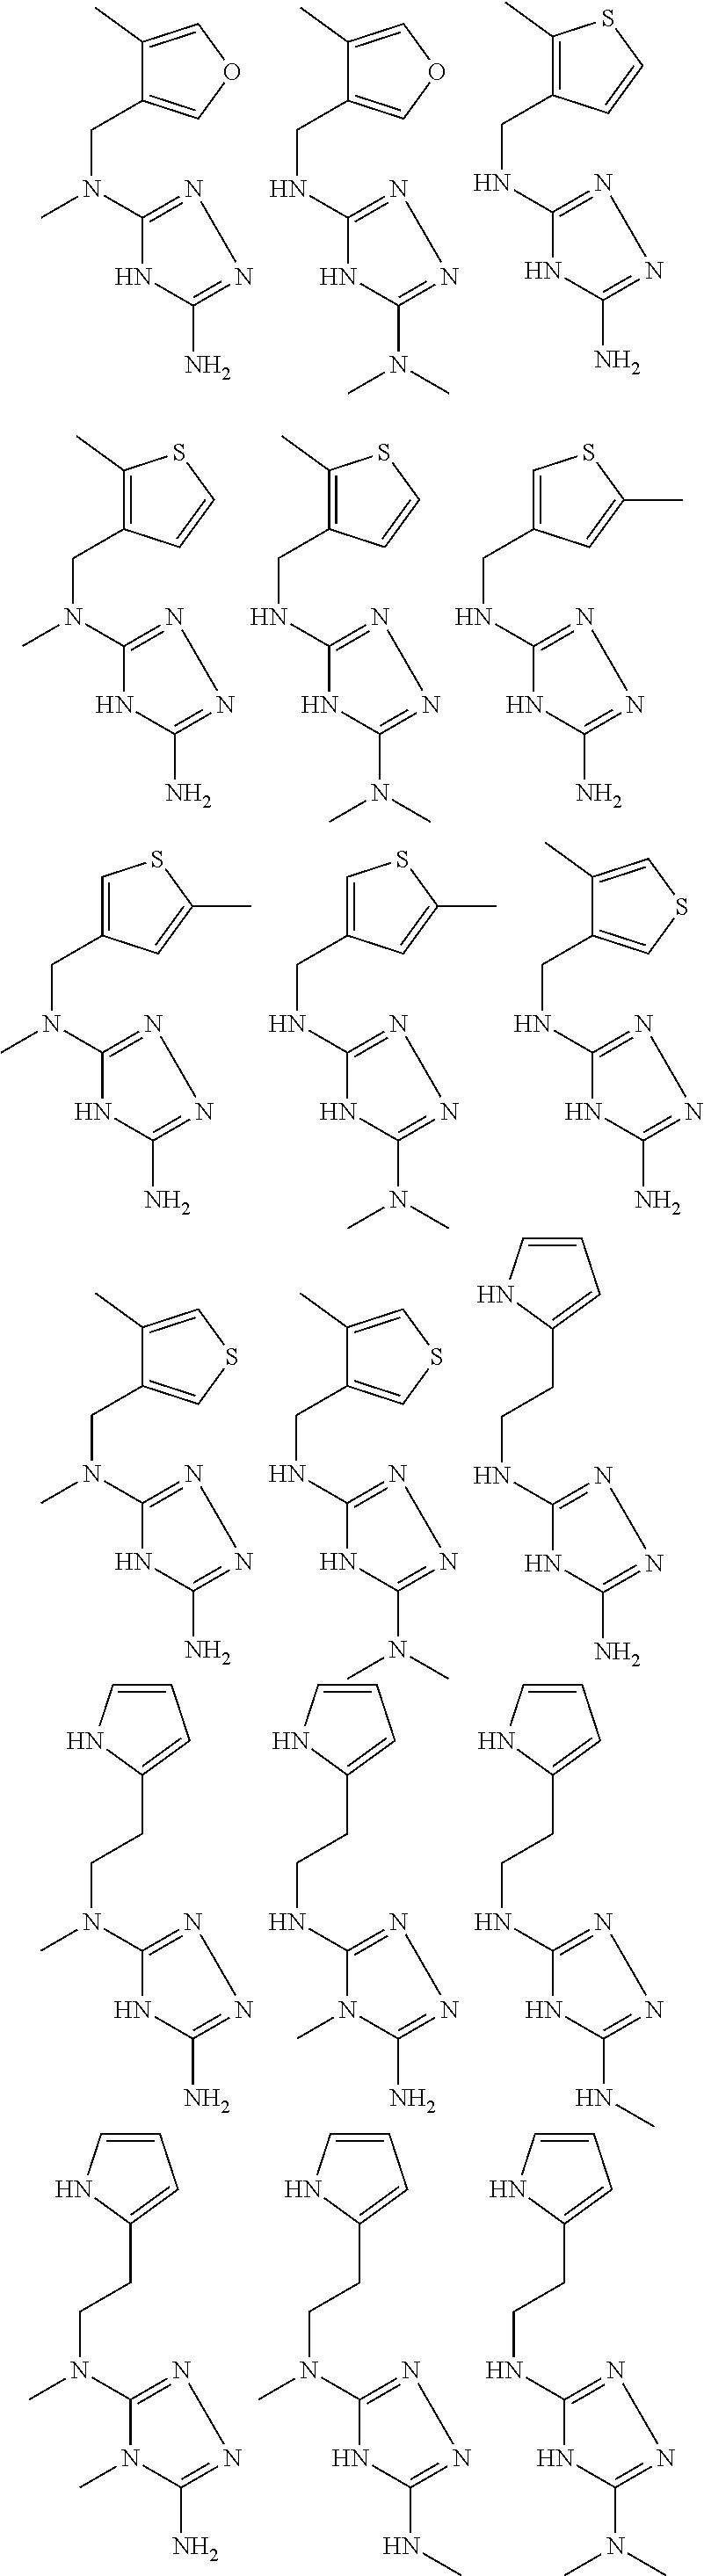 Figure US09480663-20161101-C00083